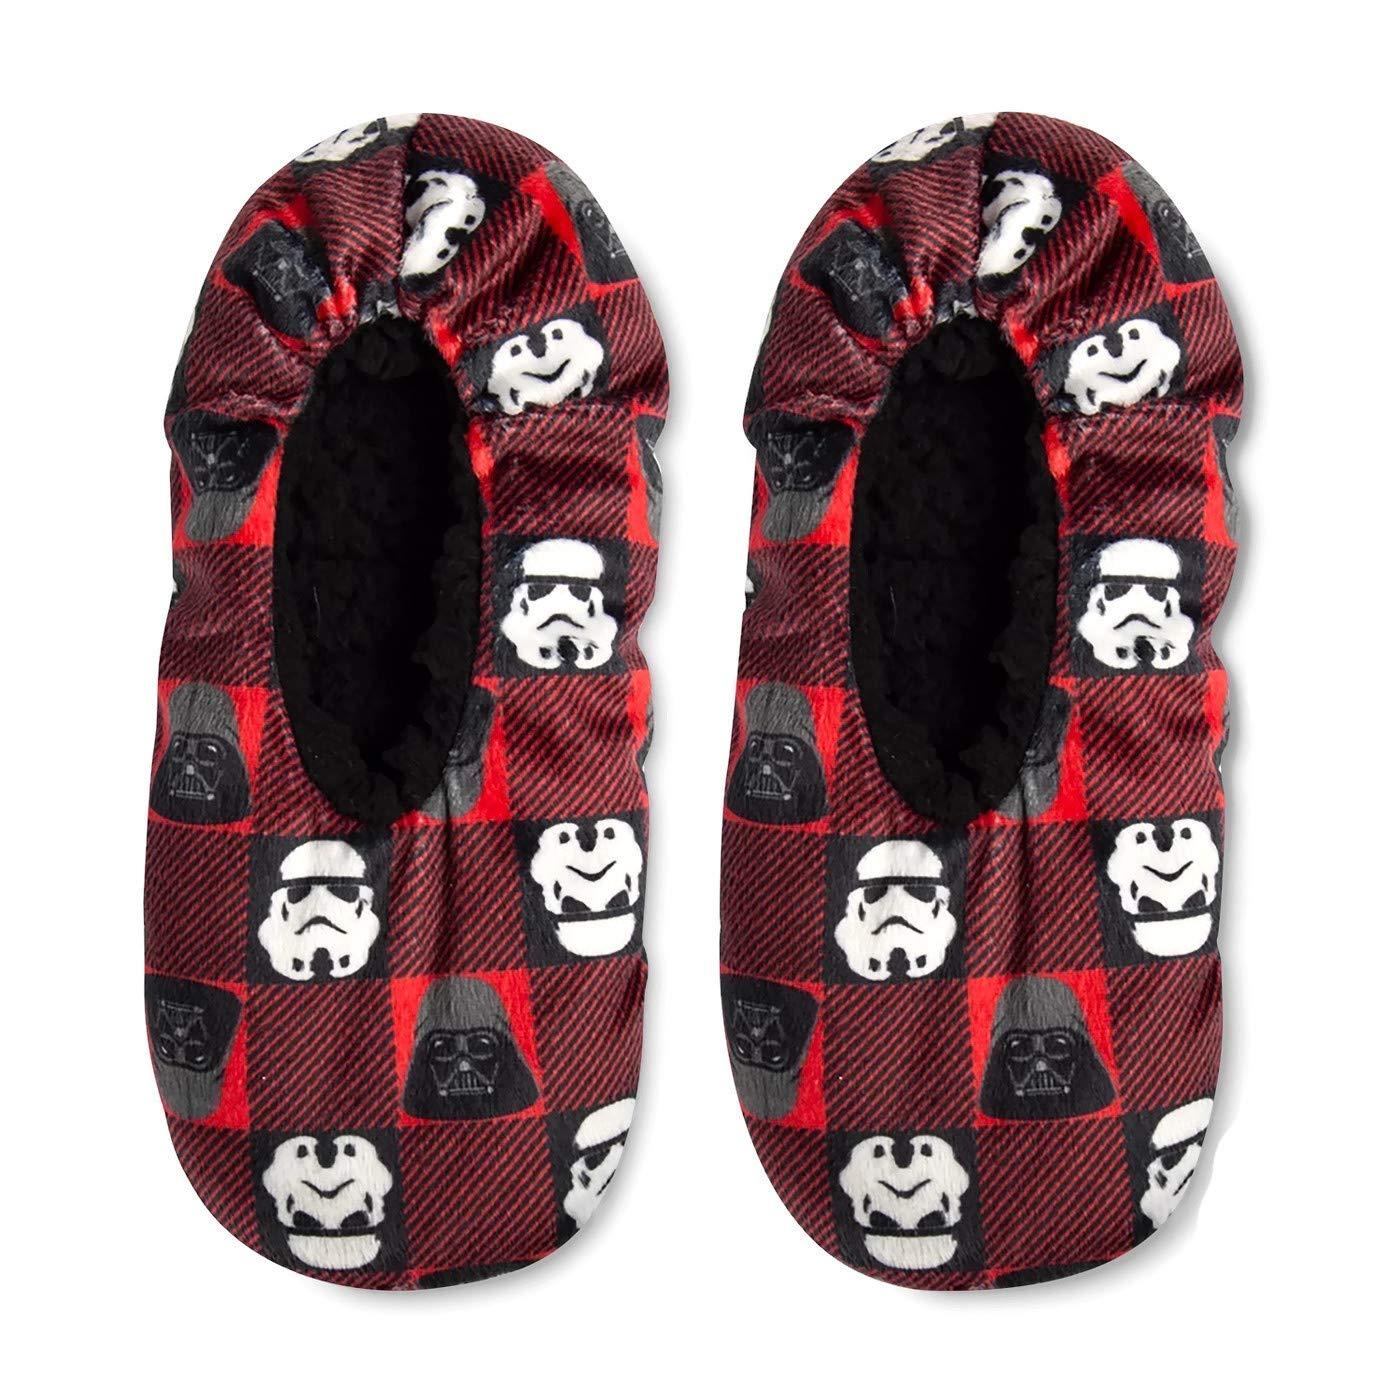 Fuzzy Babba Youth Slipper Socks